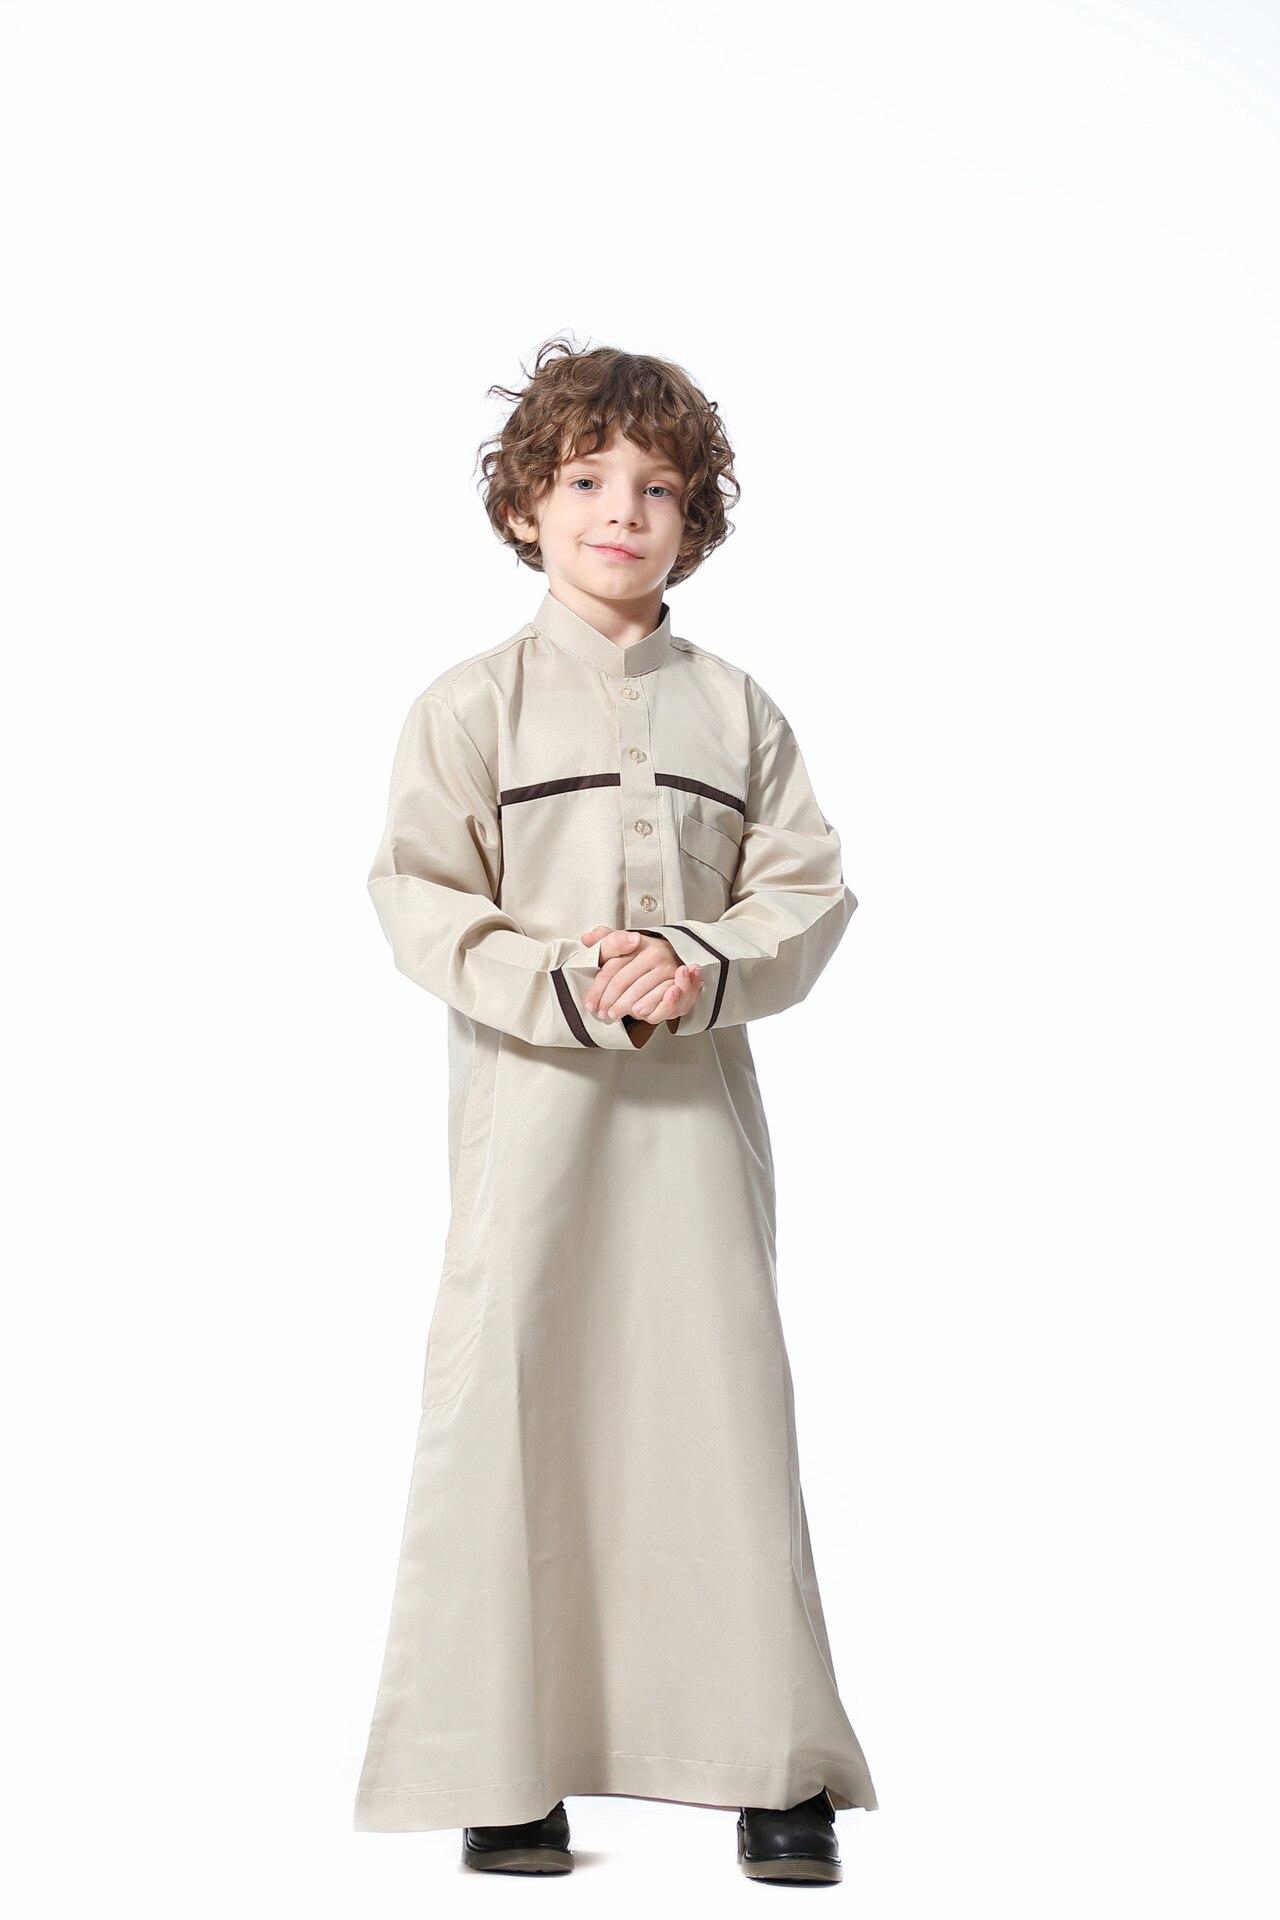 Арабская молодежная одежда, мусульманская одежда Hui, национальная одежда Dubia, Высококачественная абайя кафтан, Саудовская Аравия, Мужская ...